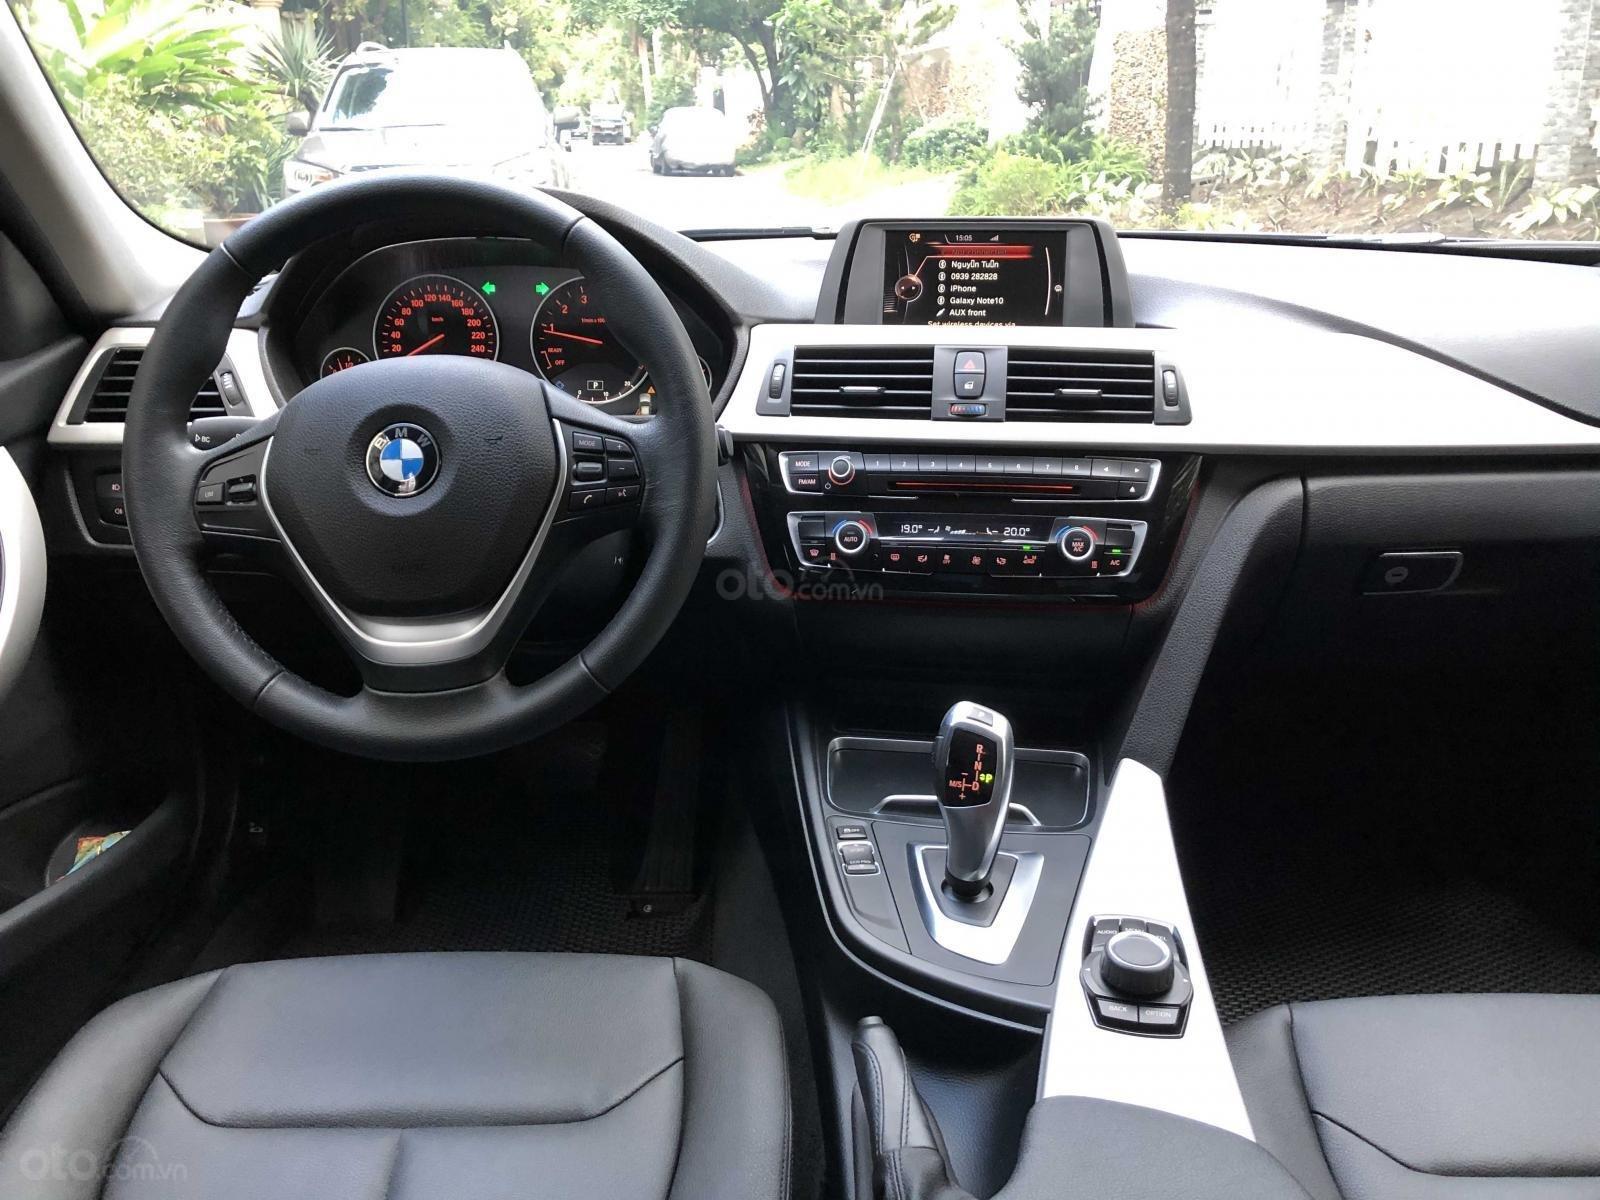 Bán BMW 3 Series năm 2016, màu xanh lam mới 95% giá chỉ 1 tỷ 139 triệu đồng (10)